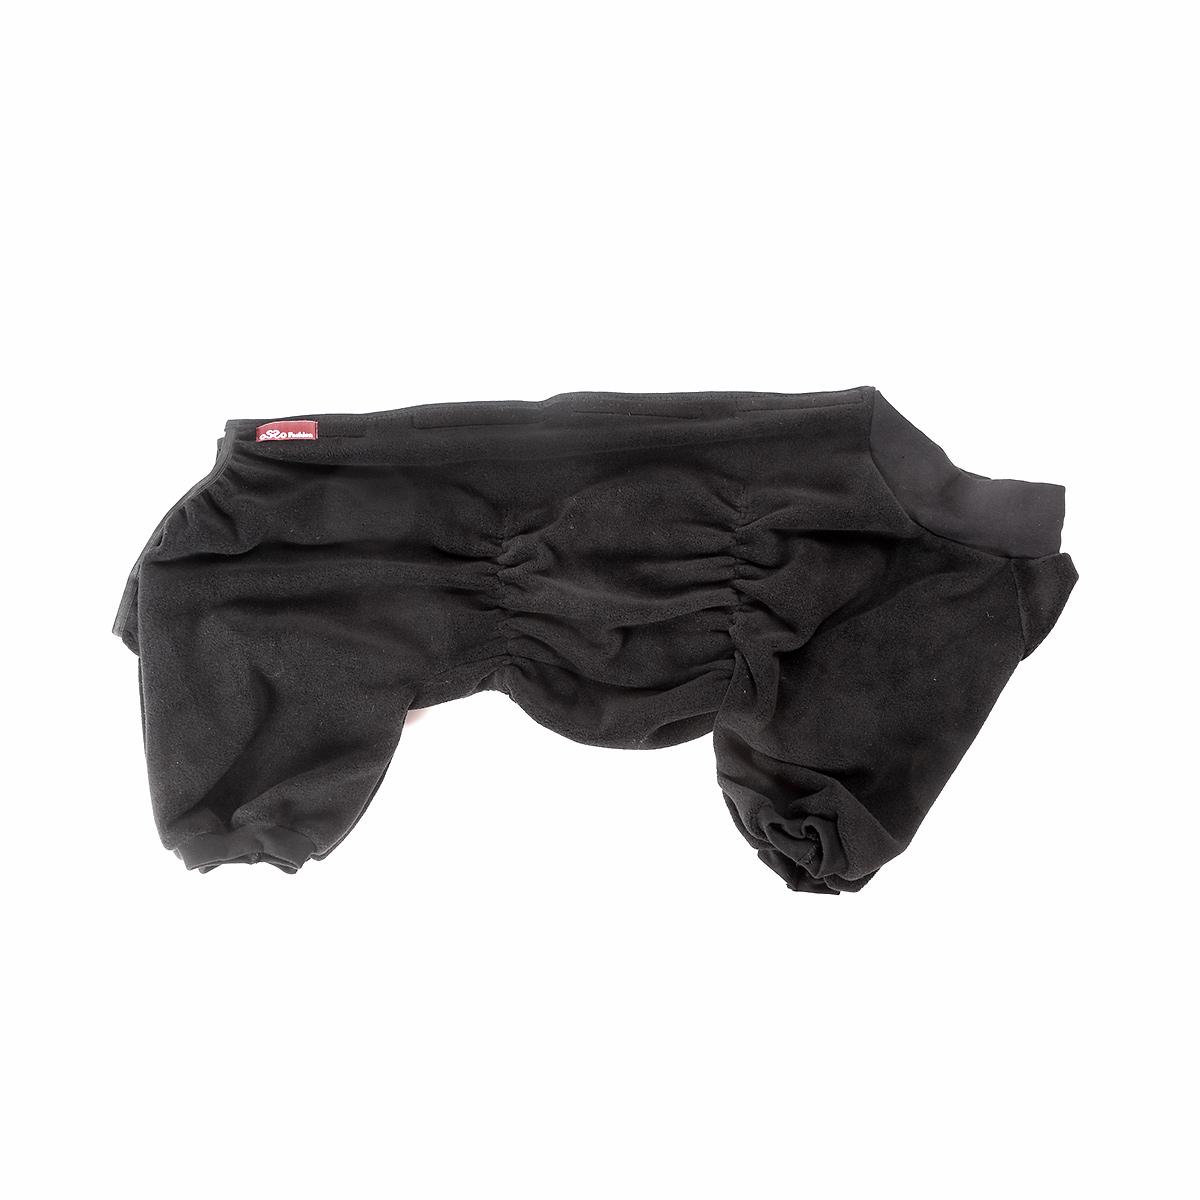 Комбинезон для собак Osso Fashion, для мальчика, цвет: графит. Размер 37Кф-1012Теплый, приятный на ощупь, эргономичный флисовый комбинезон на липучках. Комфортная посадка по корпусу достигается за счет резинок-утяжек под грудью и животом. На воротнике имеются завязки, для дополнительной фиксации Можно носить самостоятельно и как поддевку под комбинезон для собак на грязь. Отлично стирается, быстро сохнет.